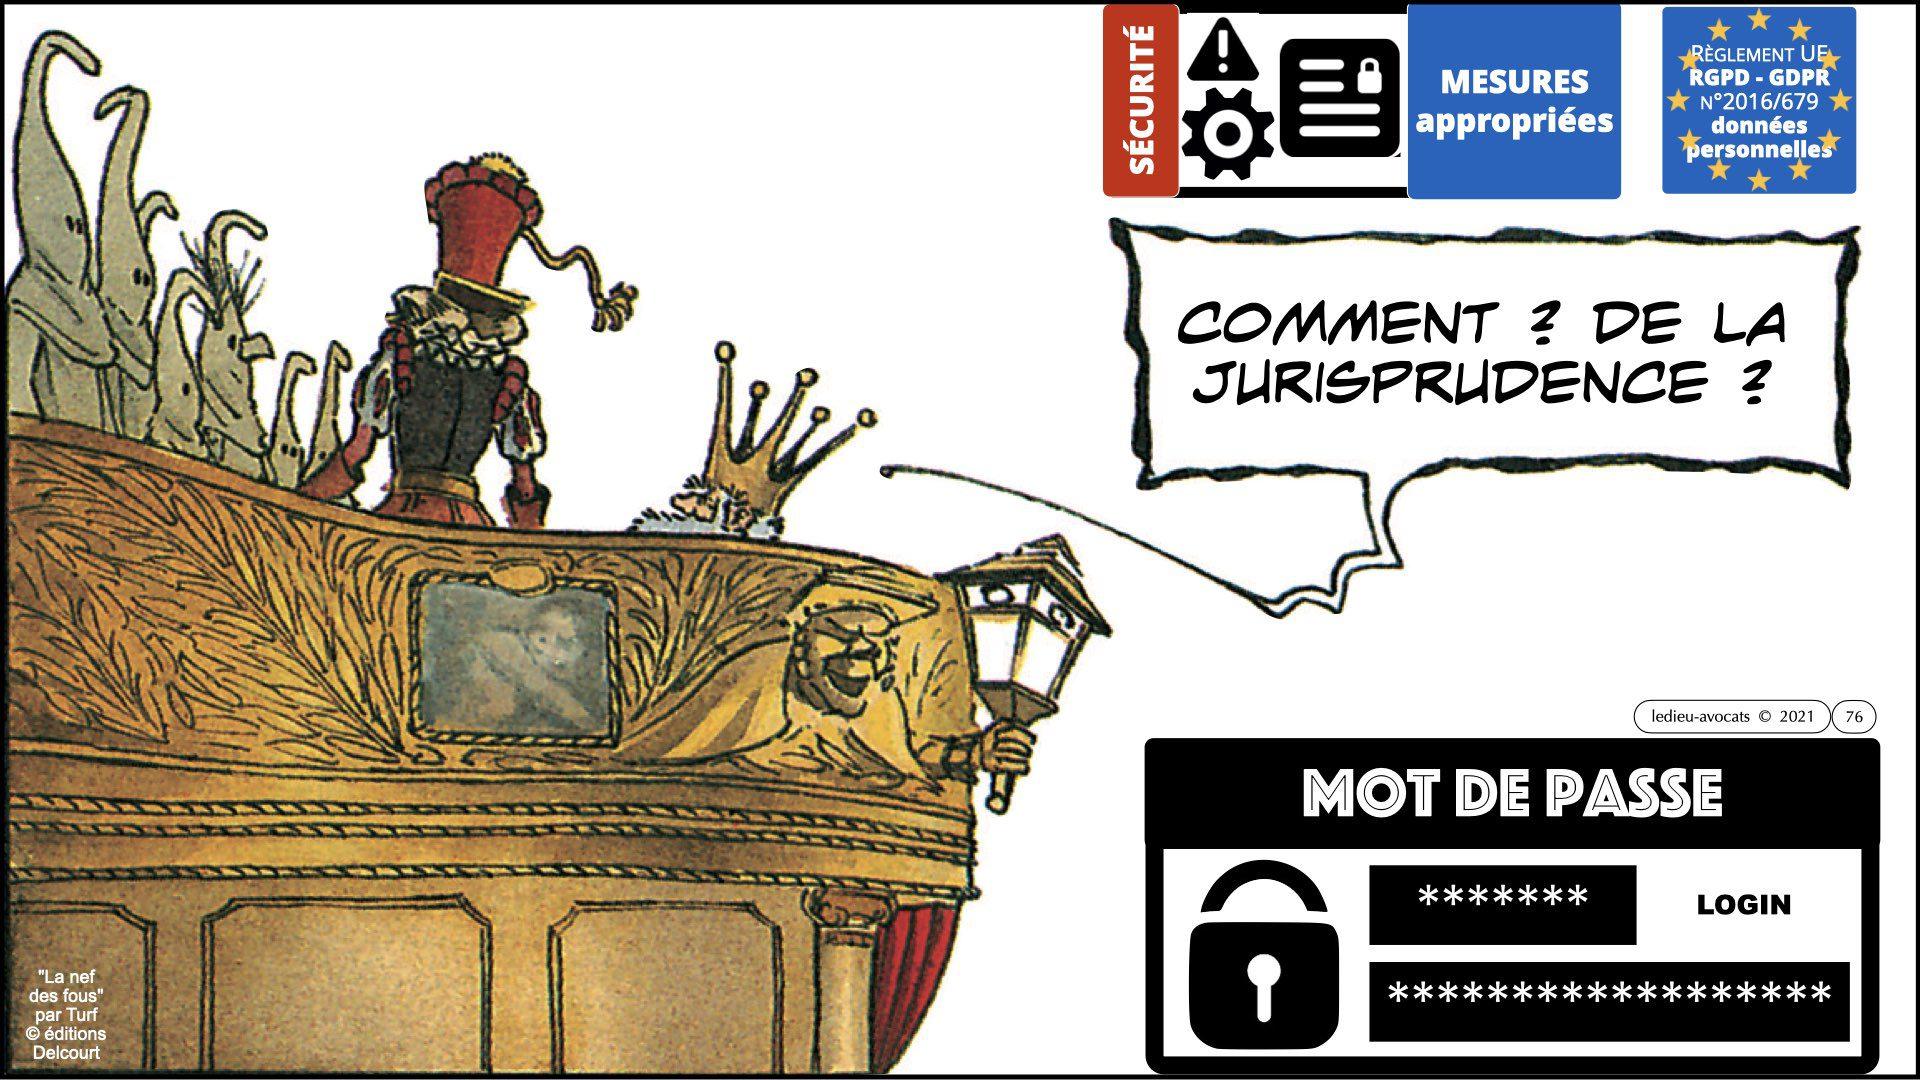 342 droit mot de passe OIV OSE ANALYSE de RISQUE EBIOS RM © Ledieu-Avocats technique droit numérique 05-09-2021.006